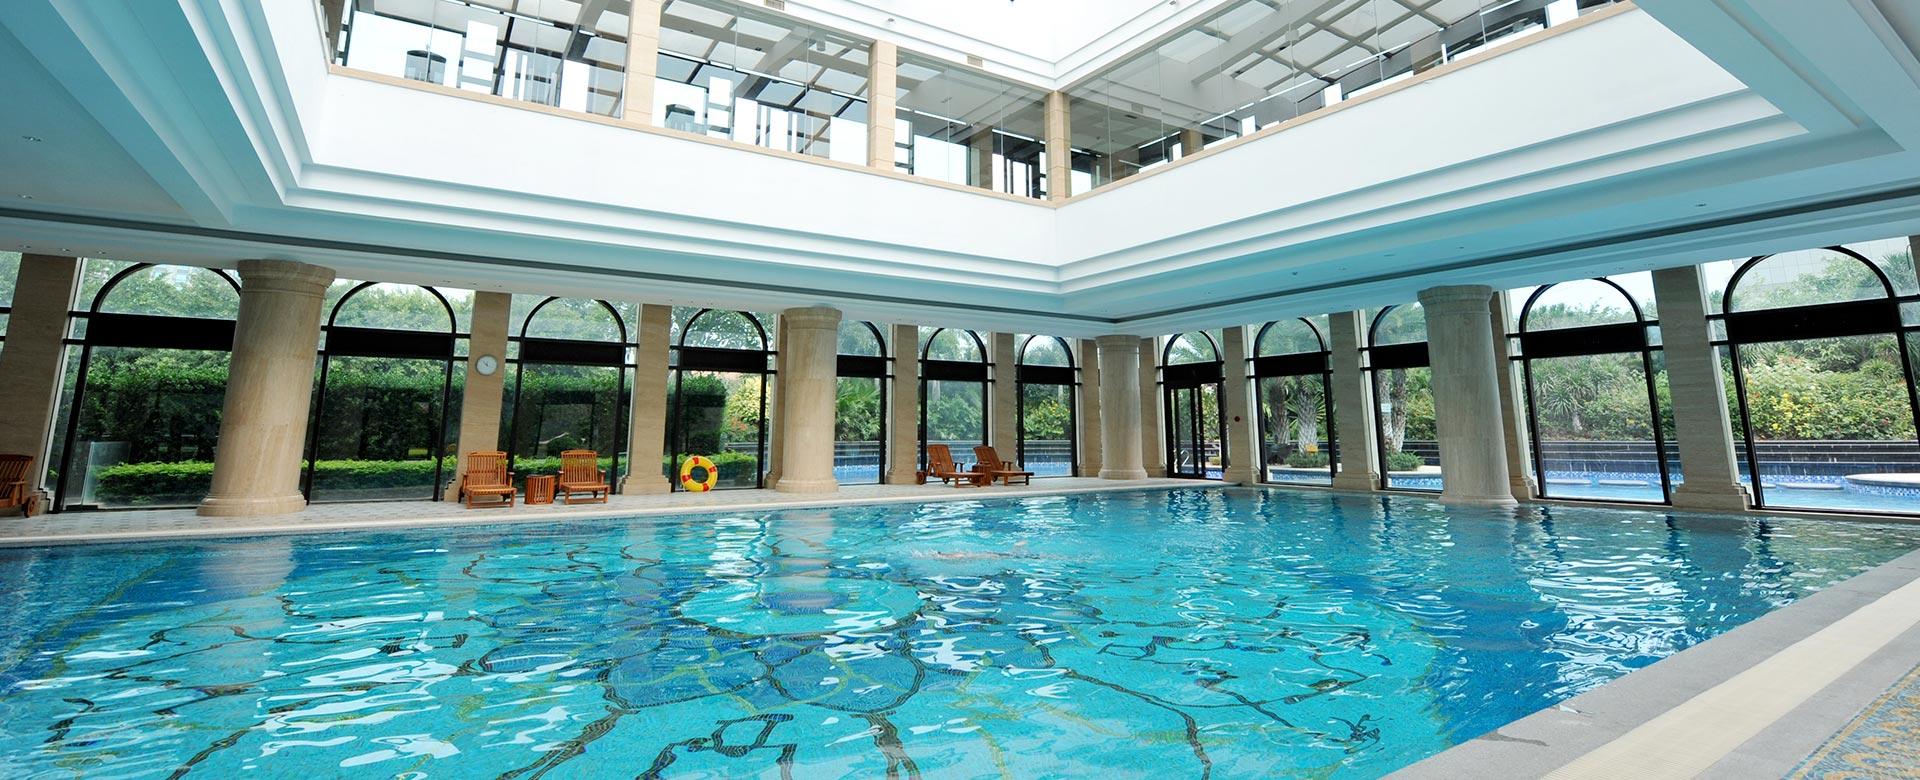 Tahiti piscines construction de piscines sur mesure en for Constructeur piscine belgique